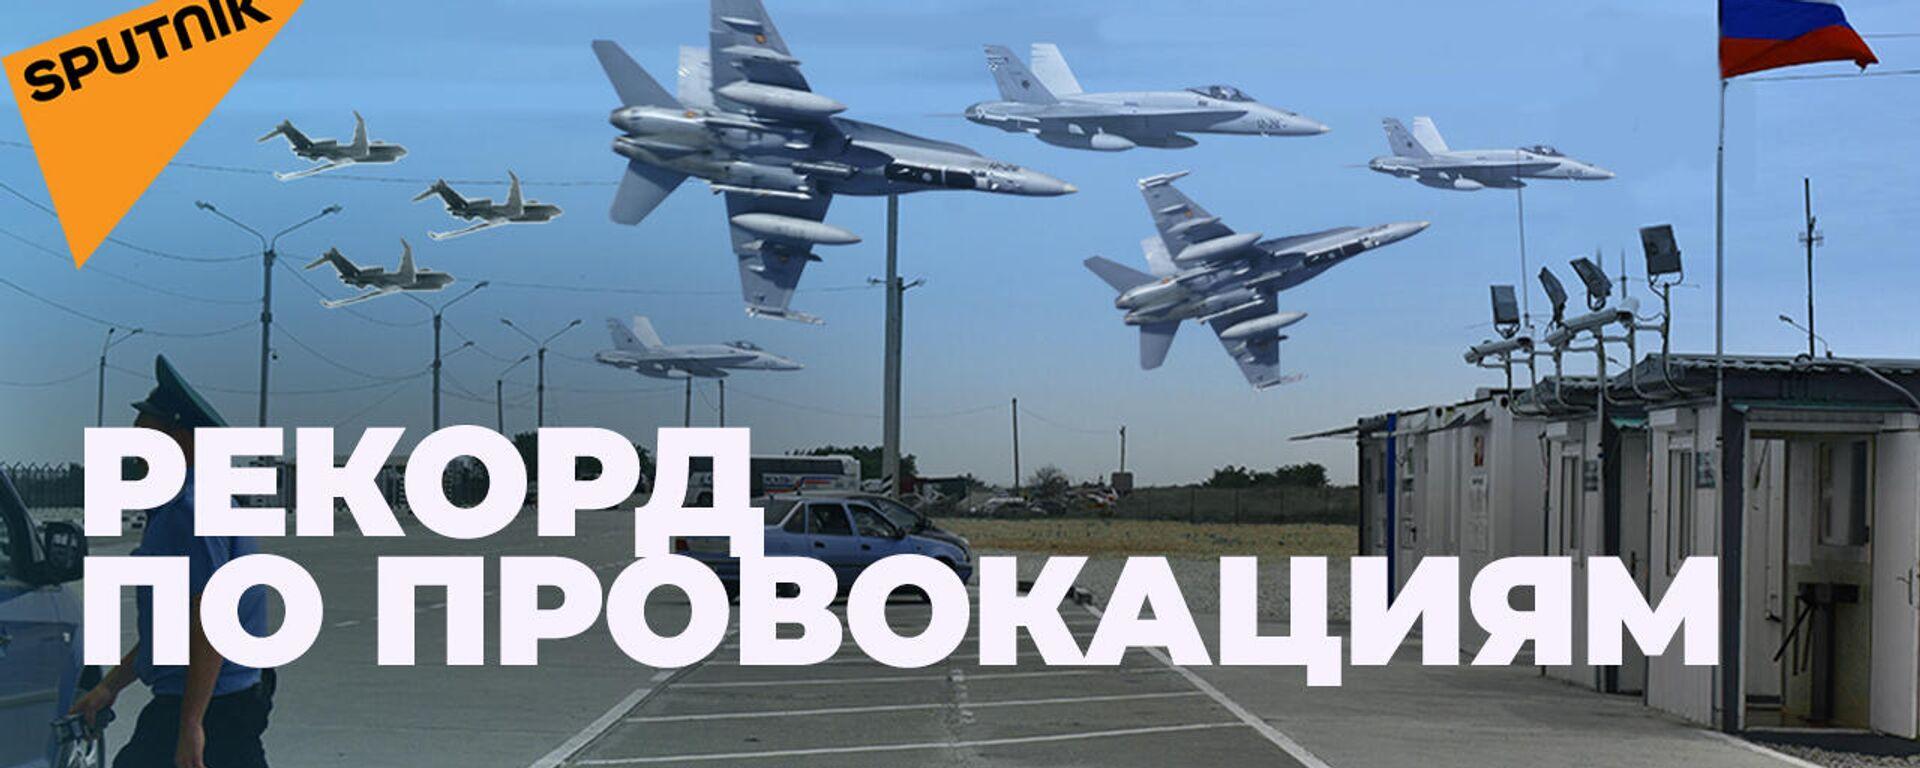 Разведчики НАТО зачастили с полетами у российских границ. Зачем им Камчатка и Донбасс? - Sputnik Узбекистан, 1920, 20.04.2021